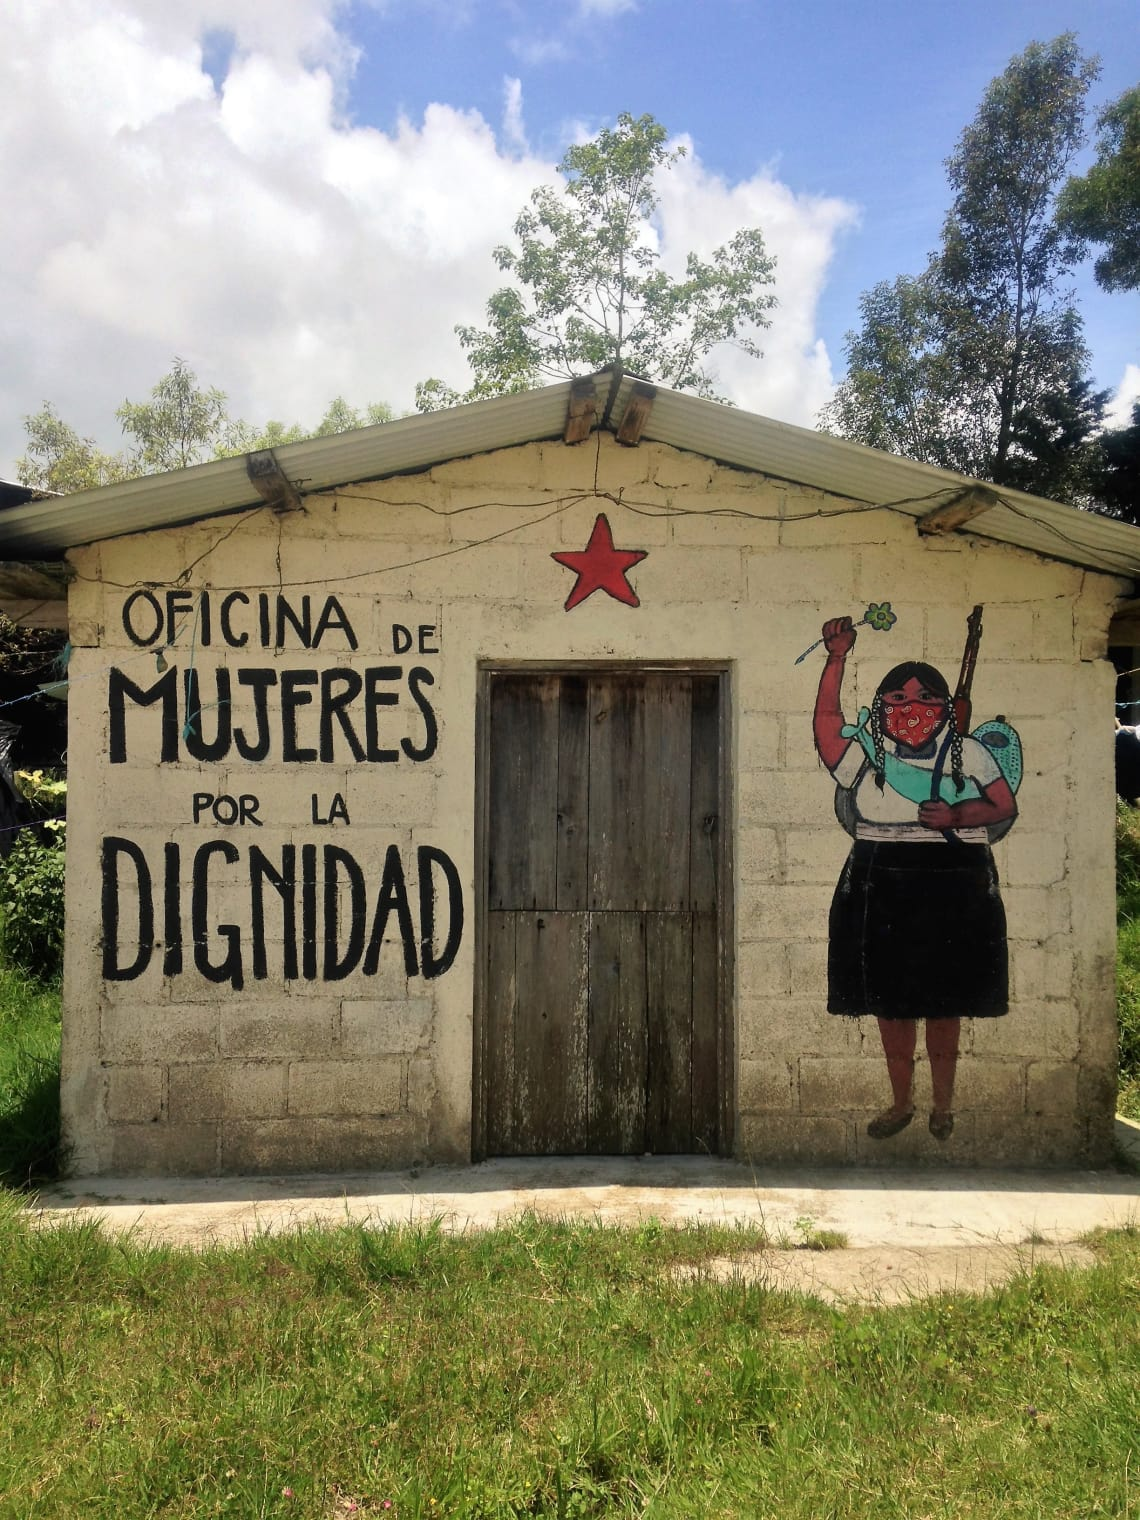 Mural de um caracol Zapatista, Chiapas, México